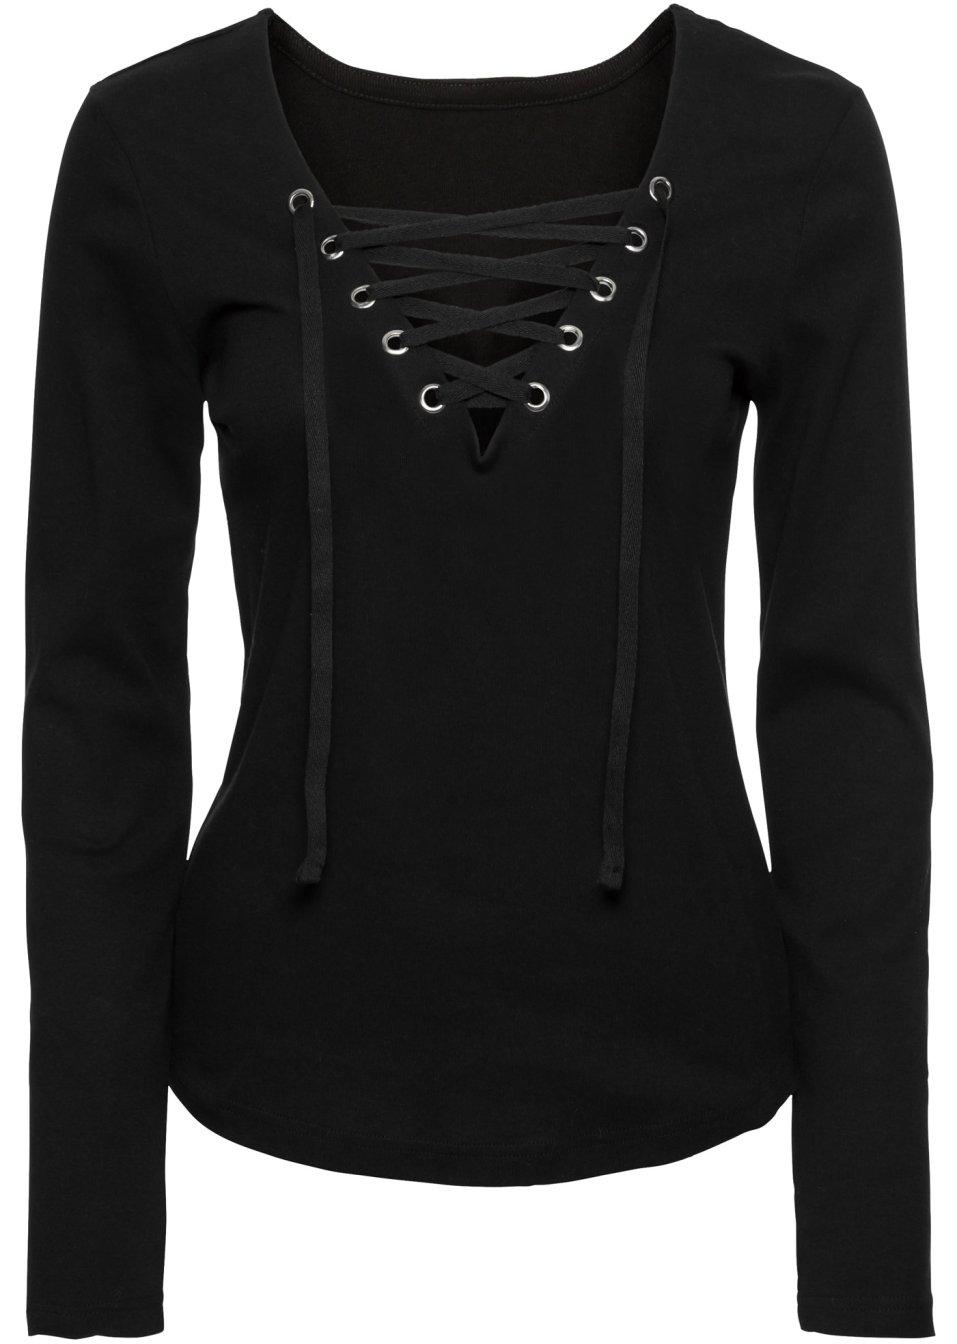 angesagtes shirt mit cooler schn rung schwarz. Black Bedroom Furniture Sets. Home Design Ideas